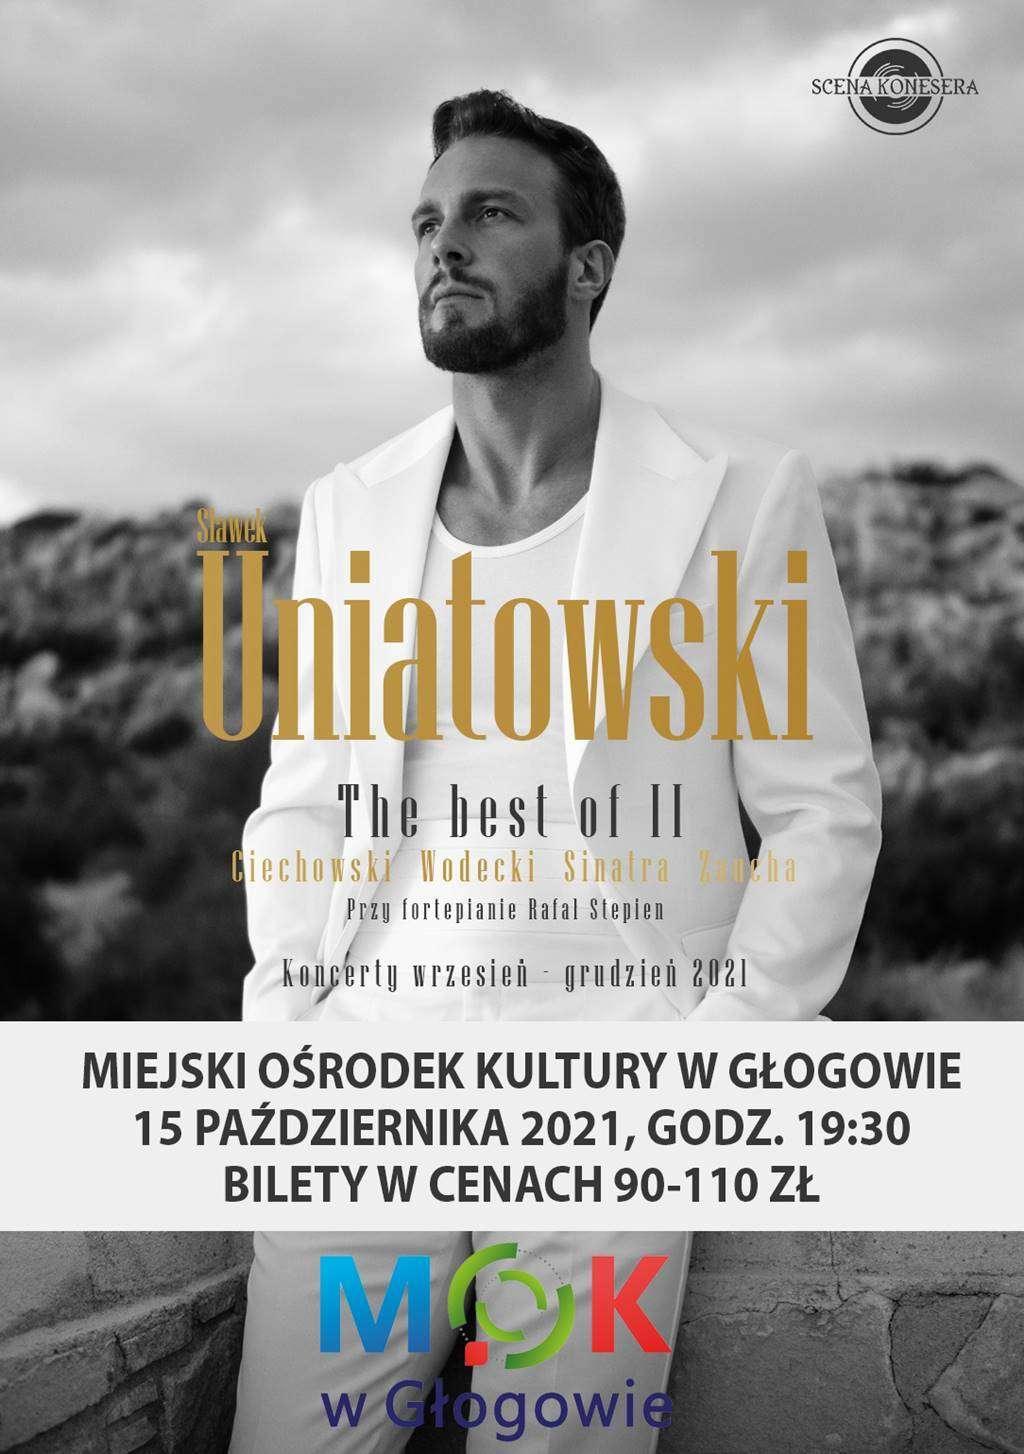 plakat zapowiadający koncert Sławka Uniatowskiego w Miejskim Ośrodku Kultury w Głogowie 15 października 2021 r